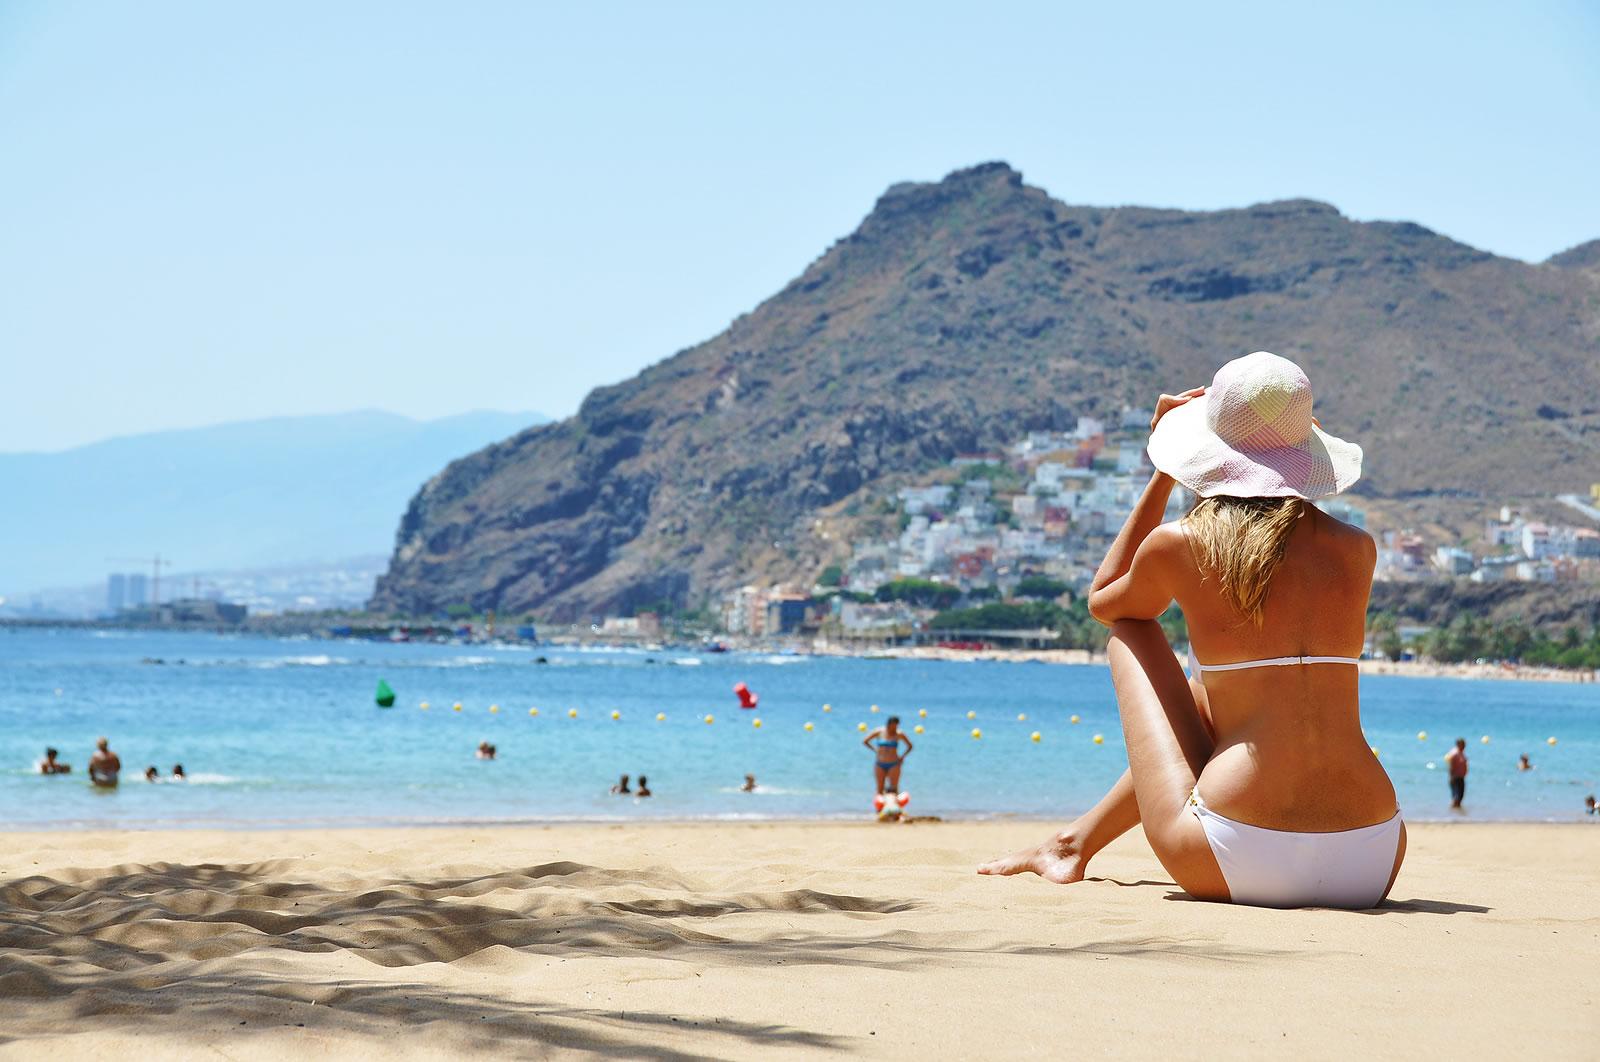 Фото отчеты об отдыхе в греции 5